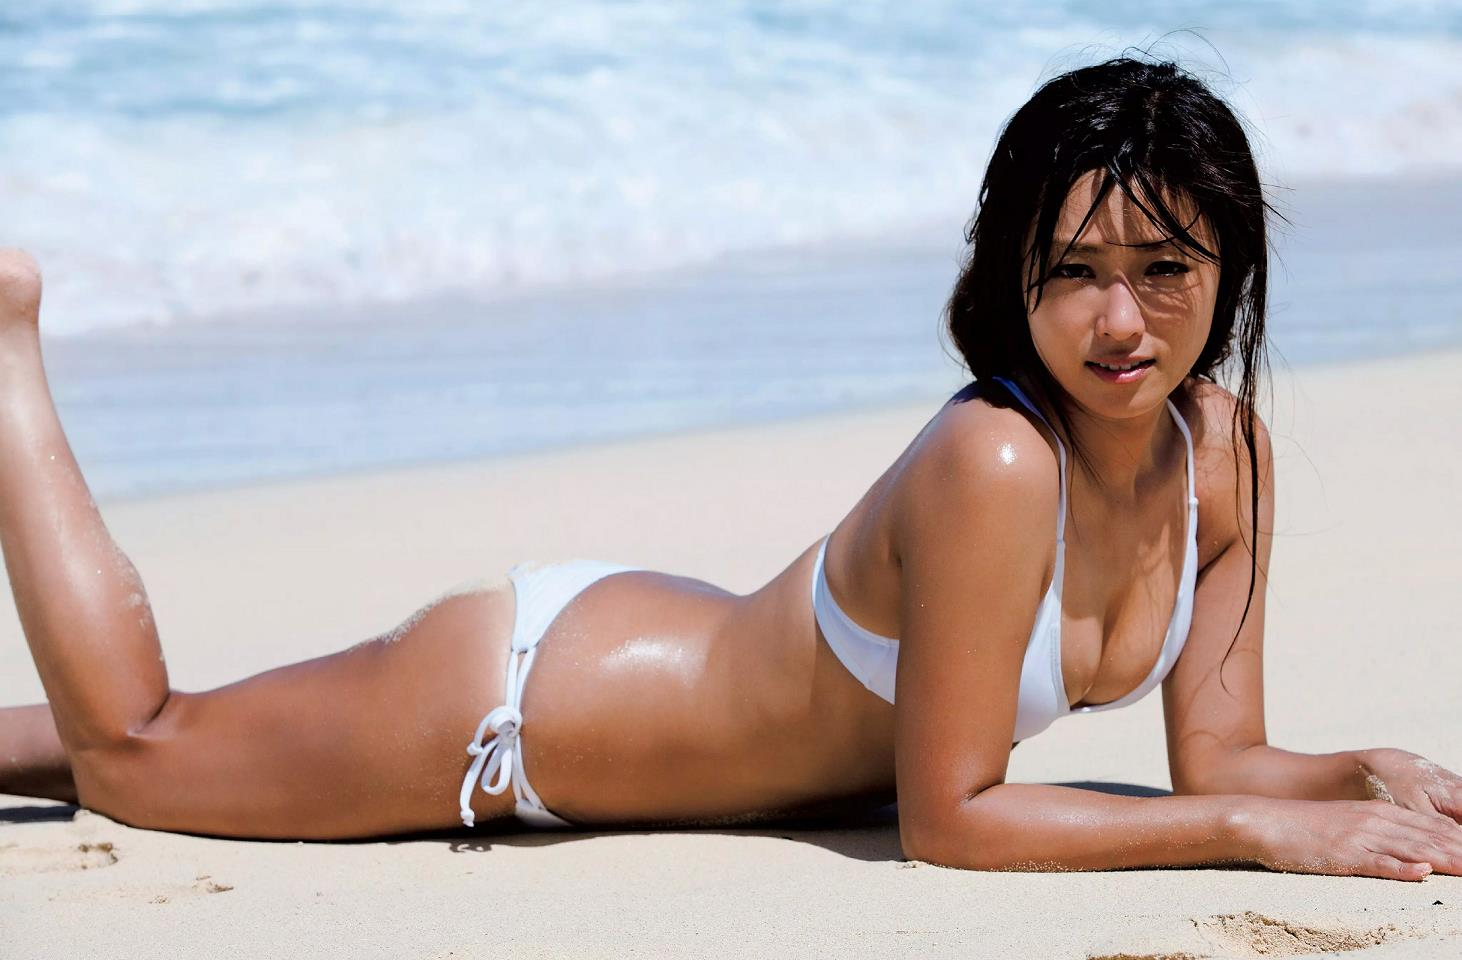 グラドル深田恭子の過激エロ画像